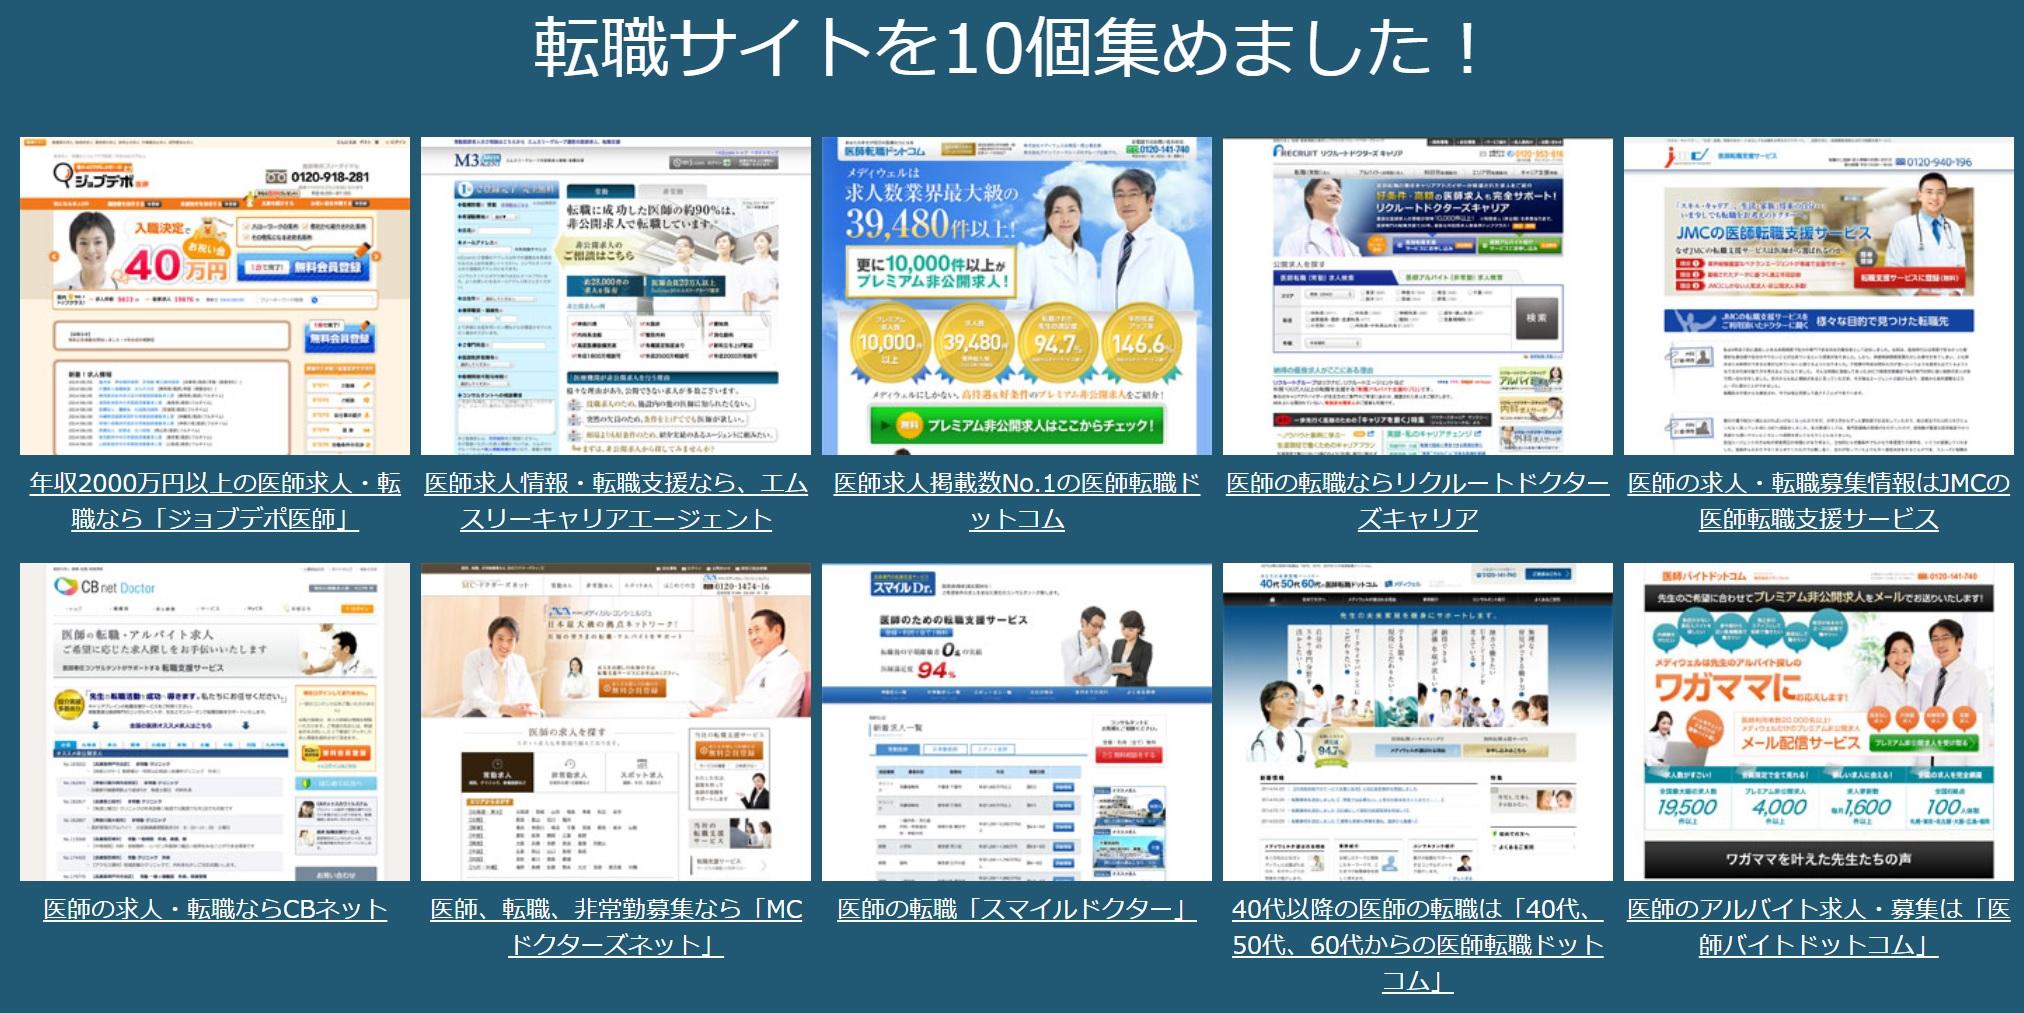 スマイルドクターが集めた医師の転職と求人サイト